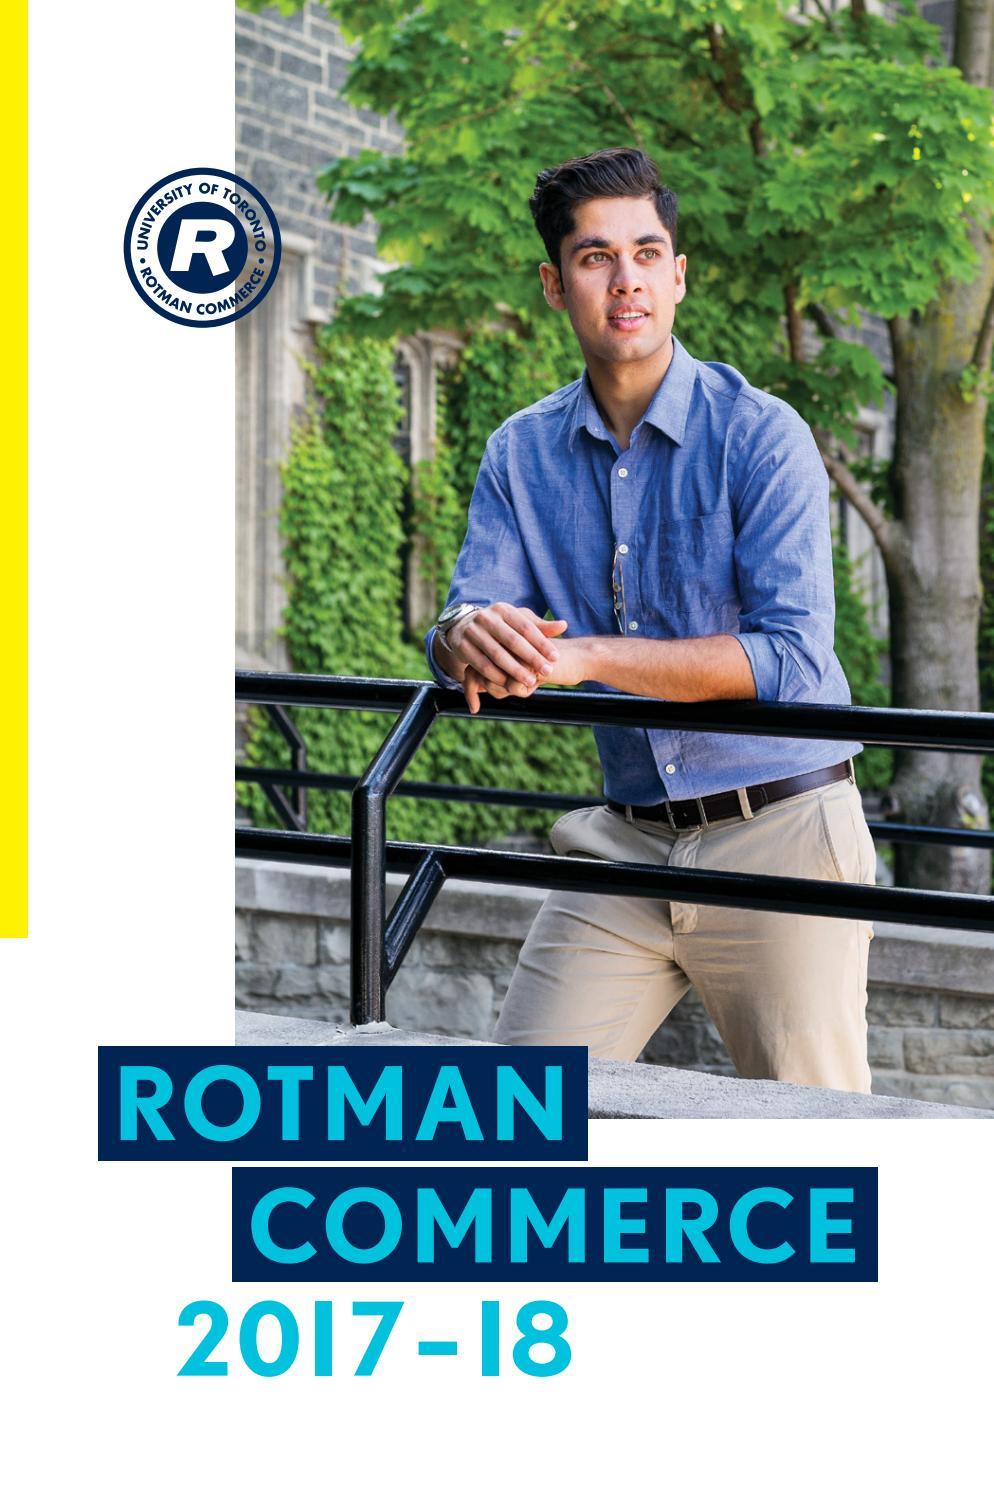 rotman essay questions 2012